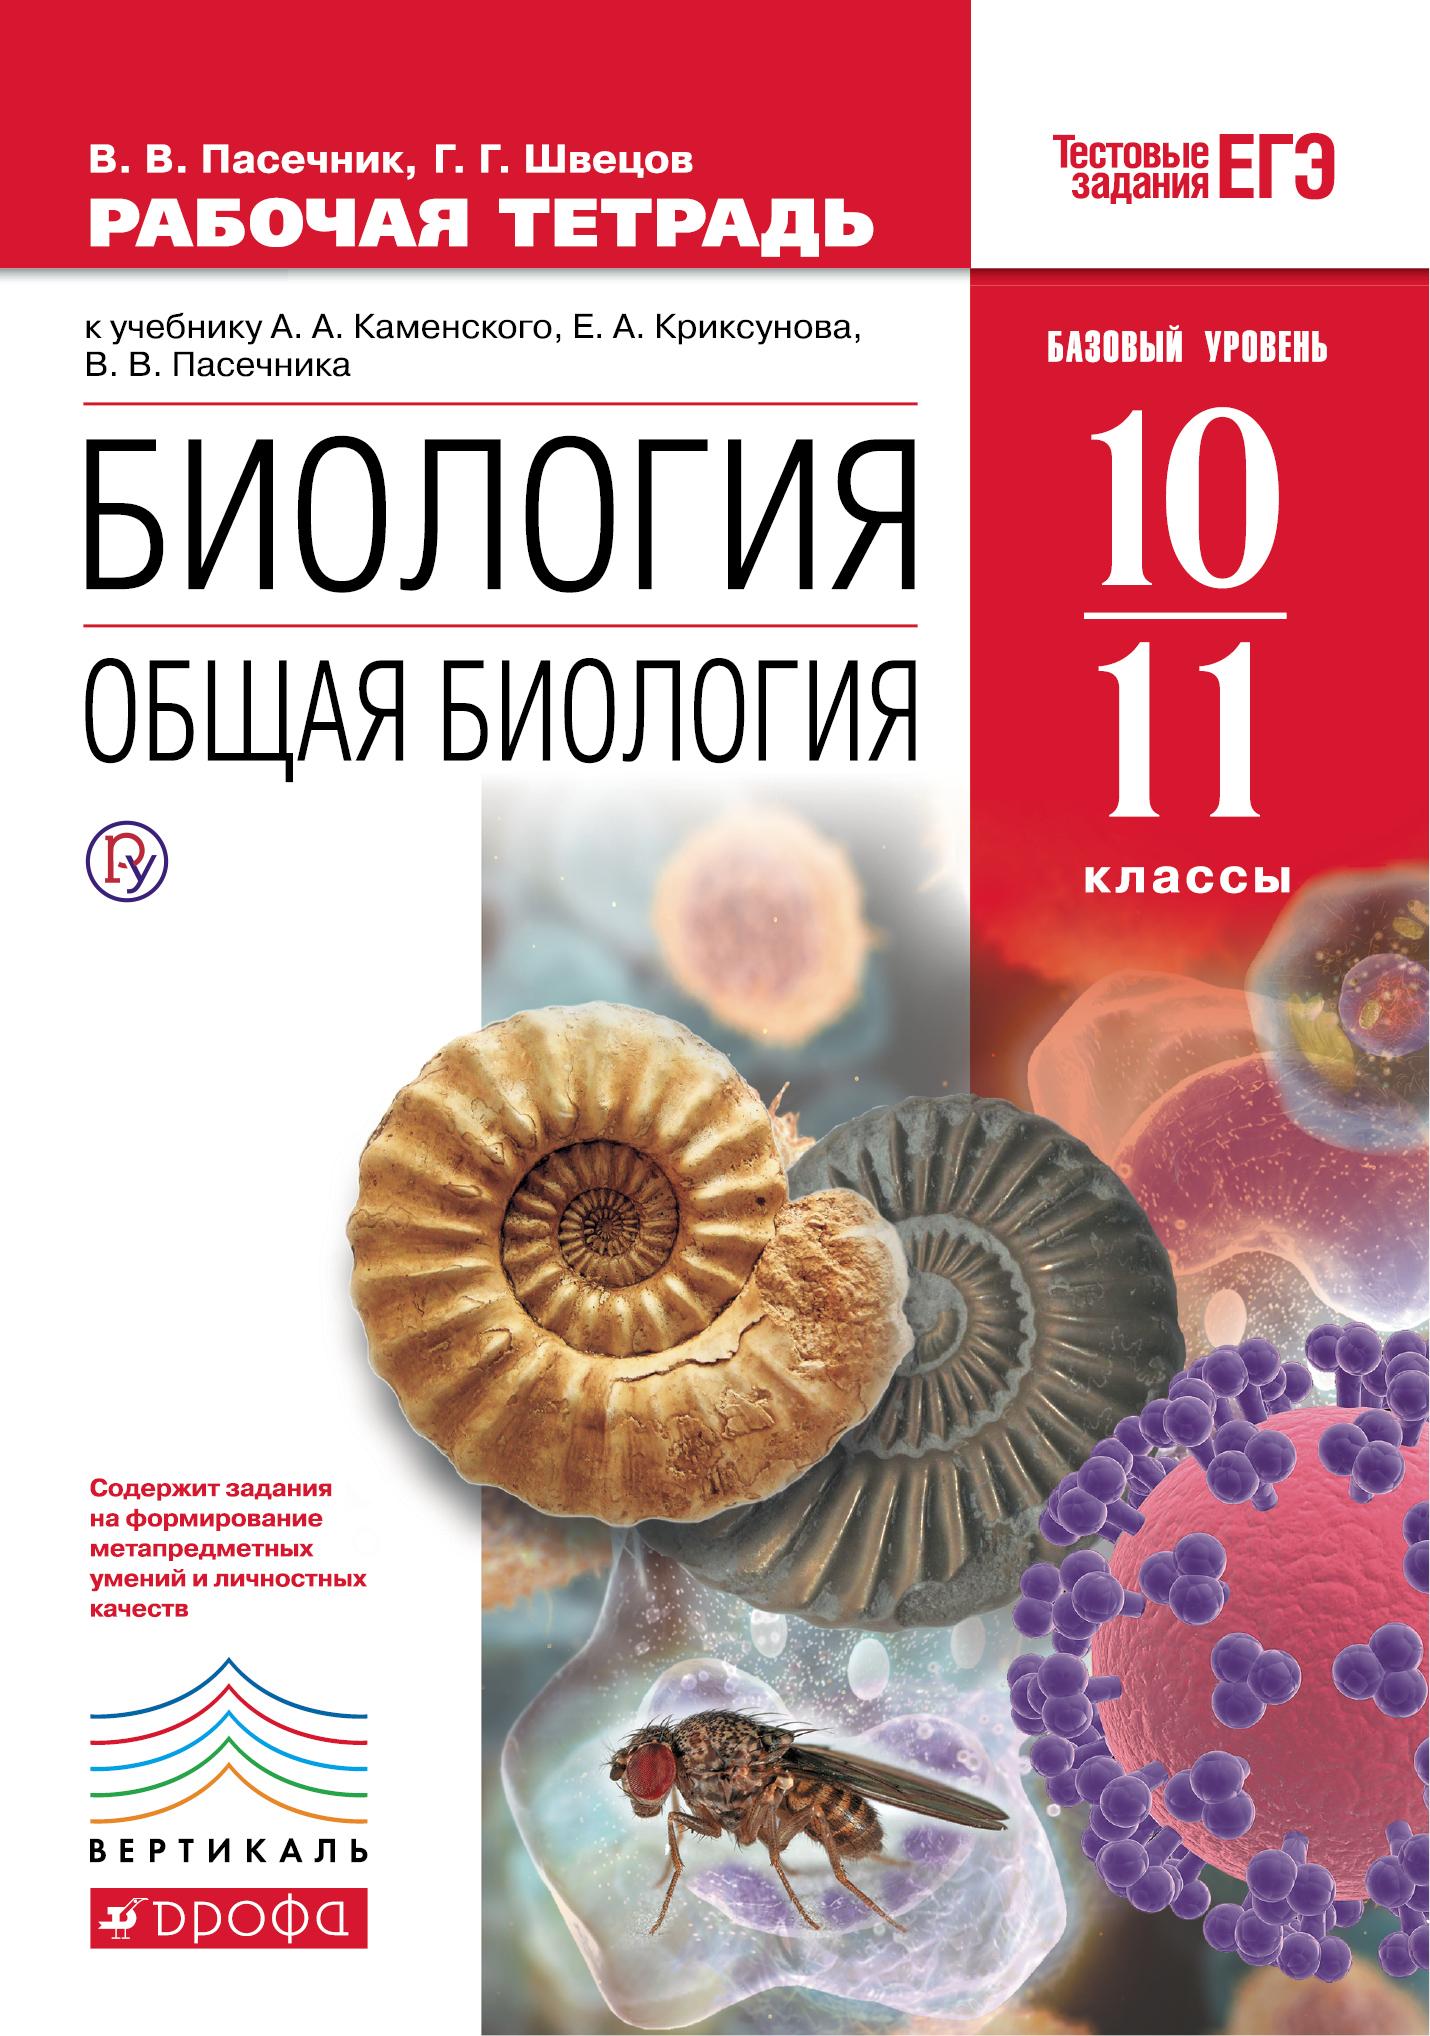 Гдз по биологии10-11класс каменский, криксунов, пасечник